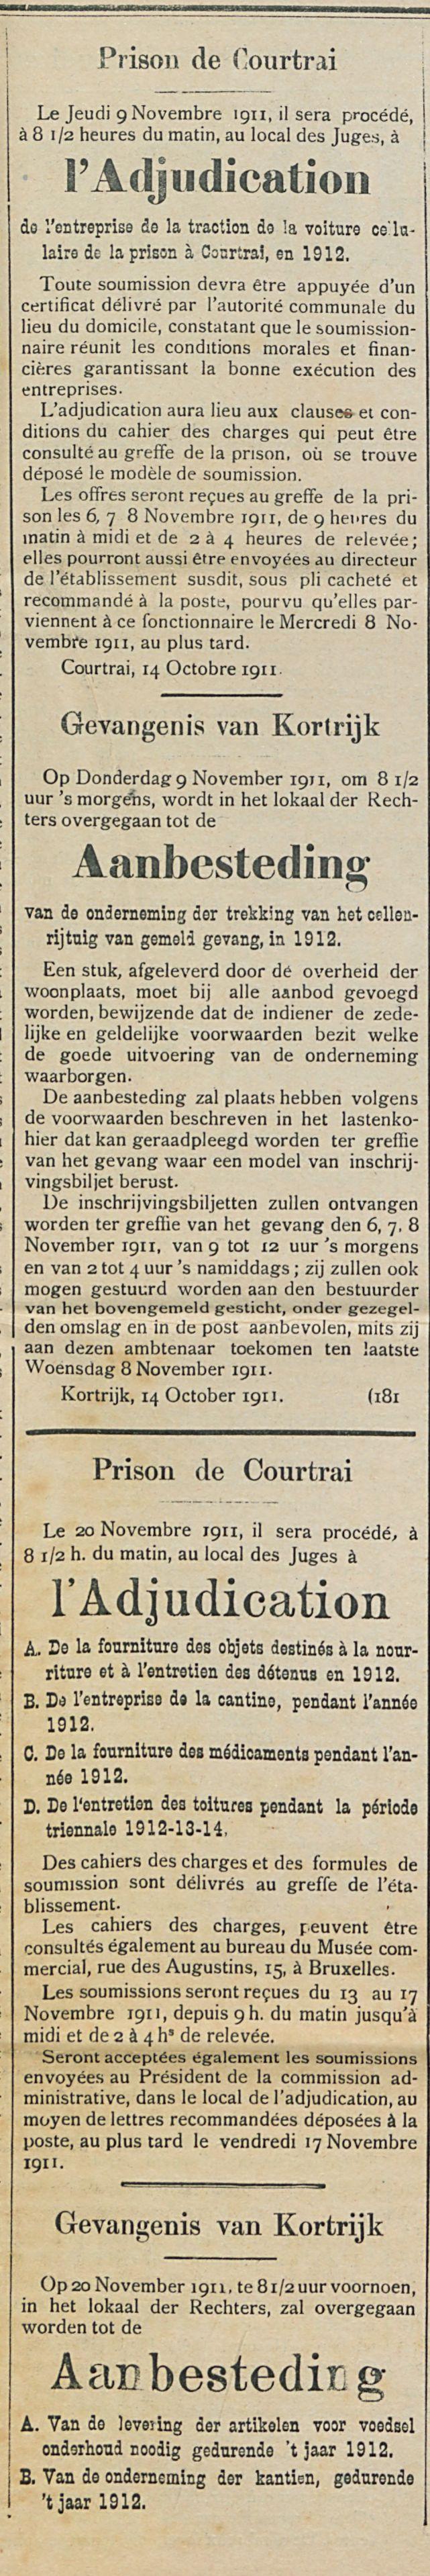 Prison de Courtrai